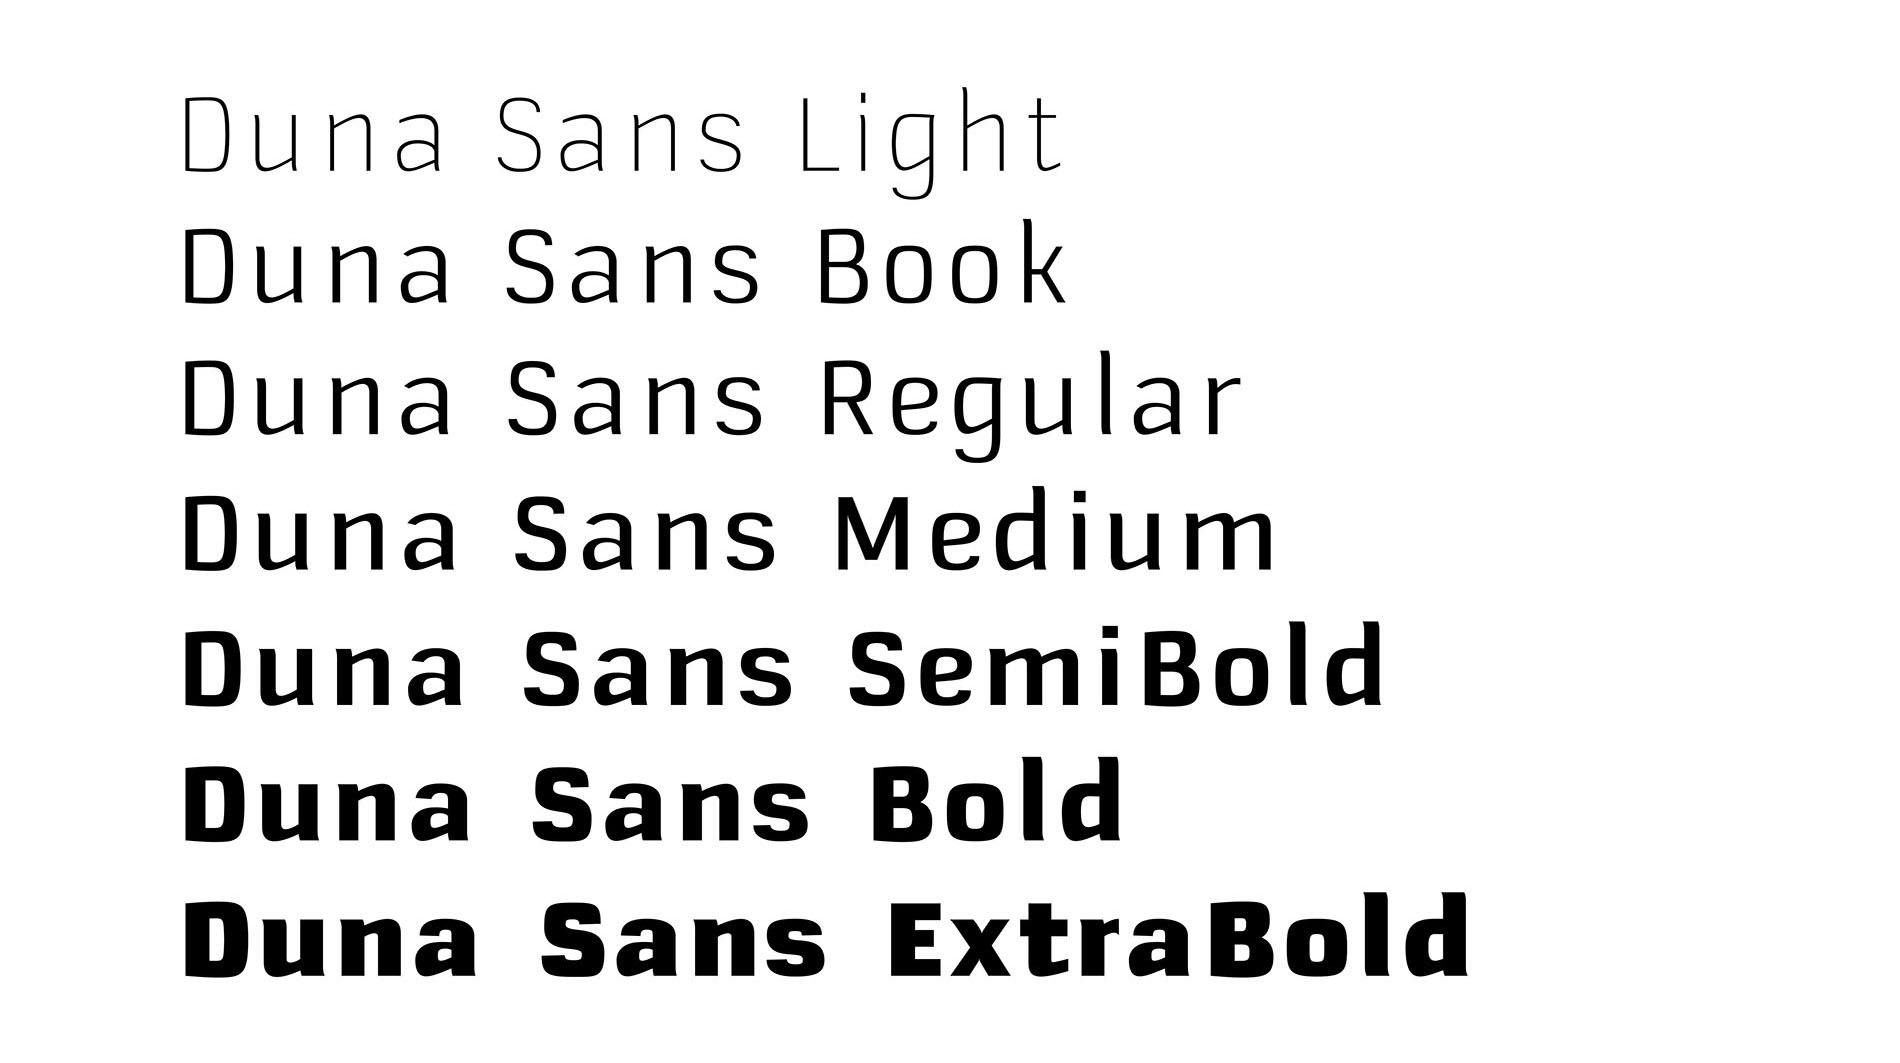 Godspeed | Schnitte der eigens entwickelten Textschrift Duna Sans